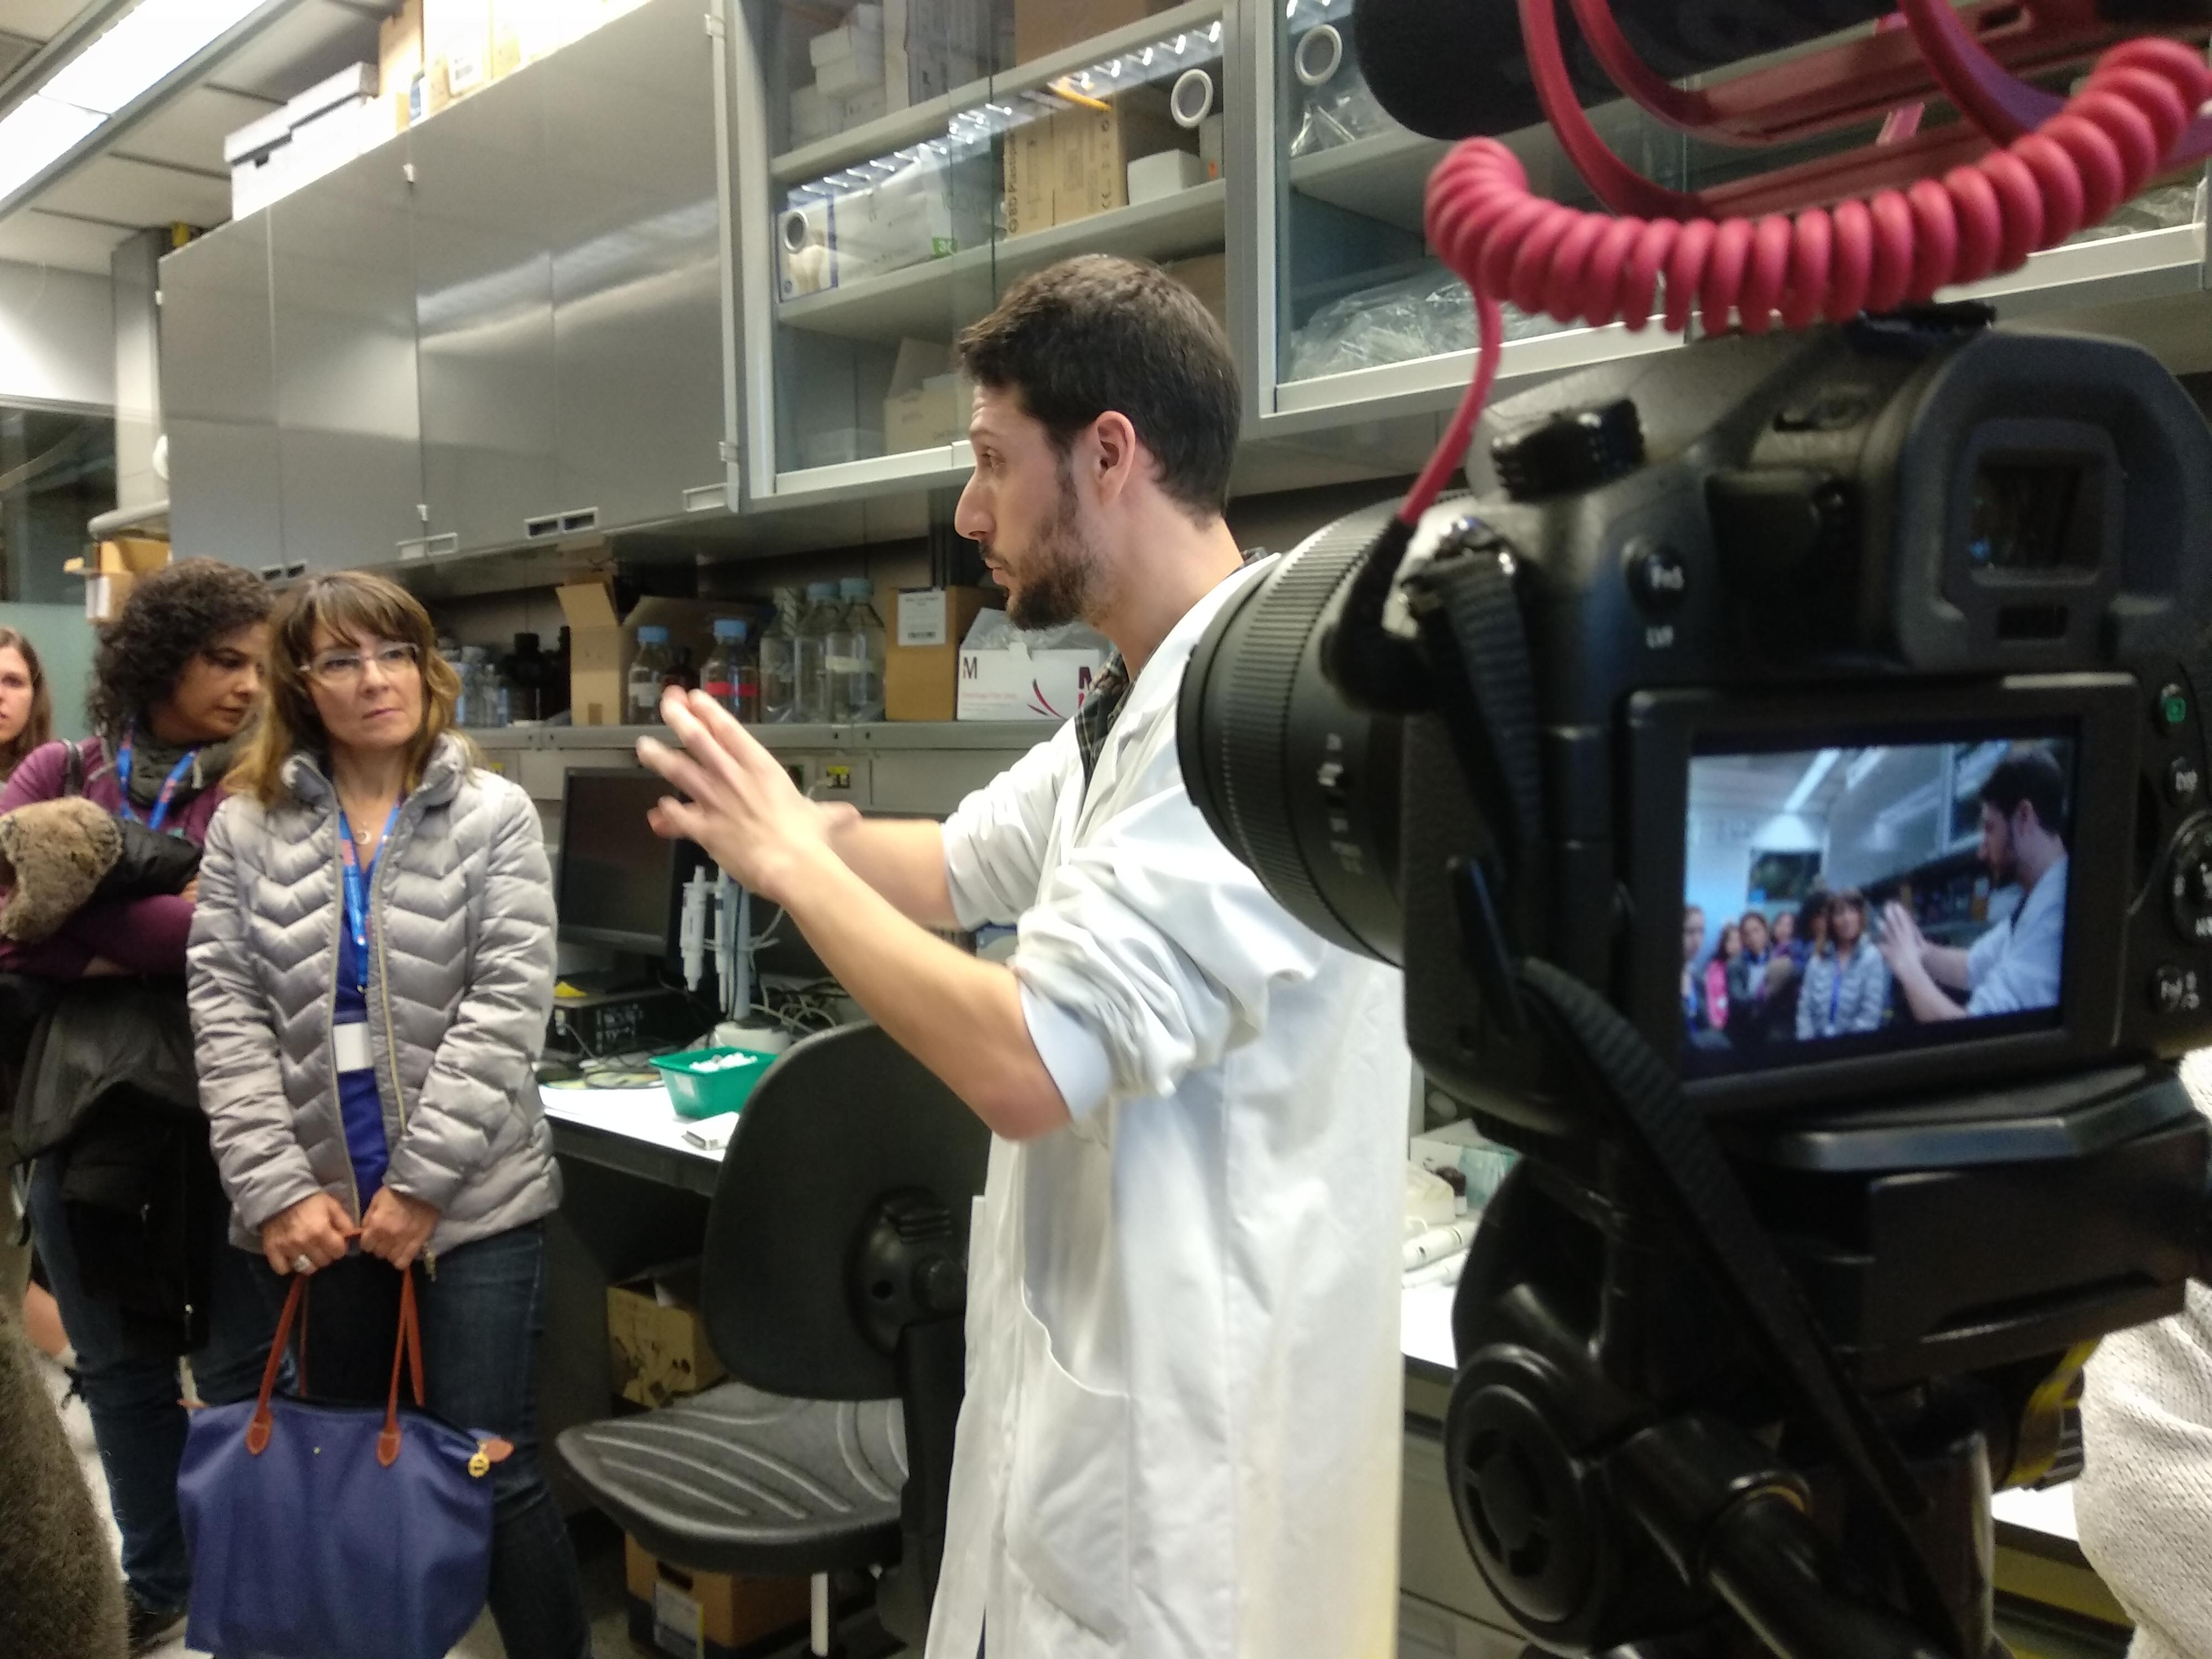 En el laboratorio hacen los ensayos funcionales para estudiar cómo actúa el HDL en distintas personas.